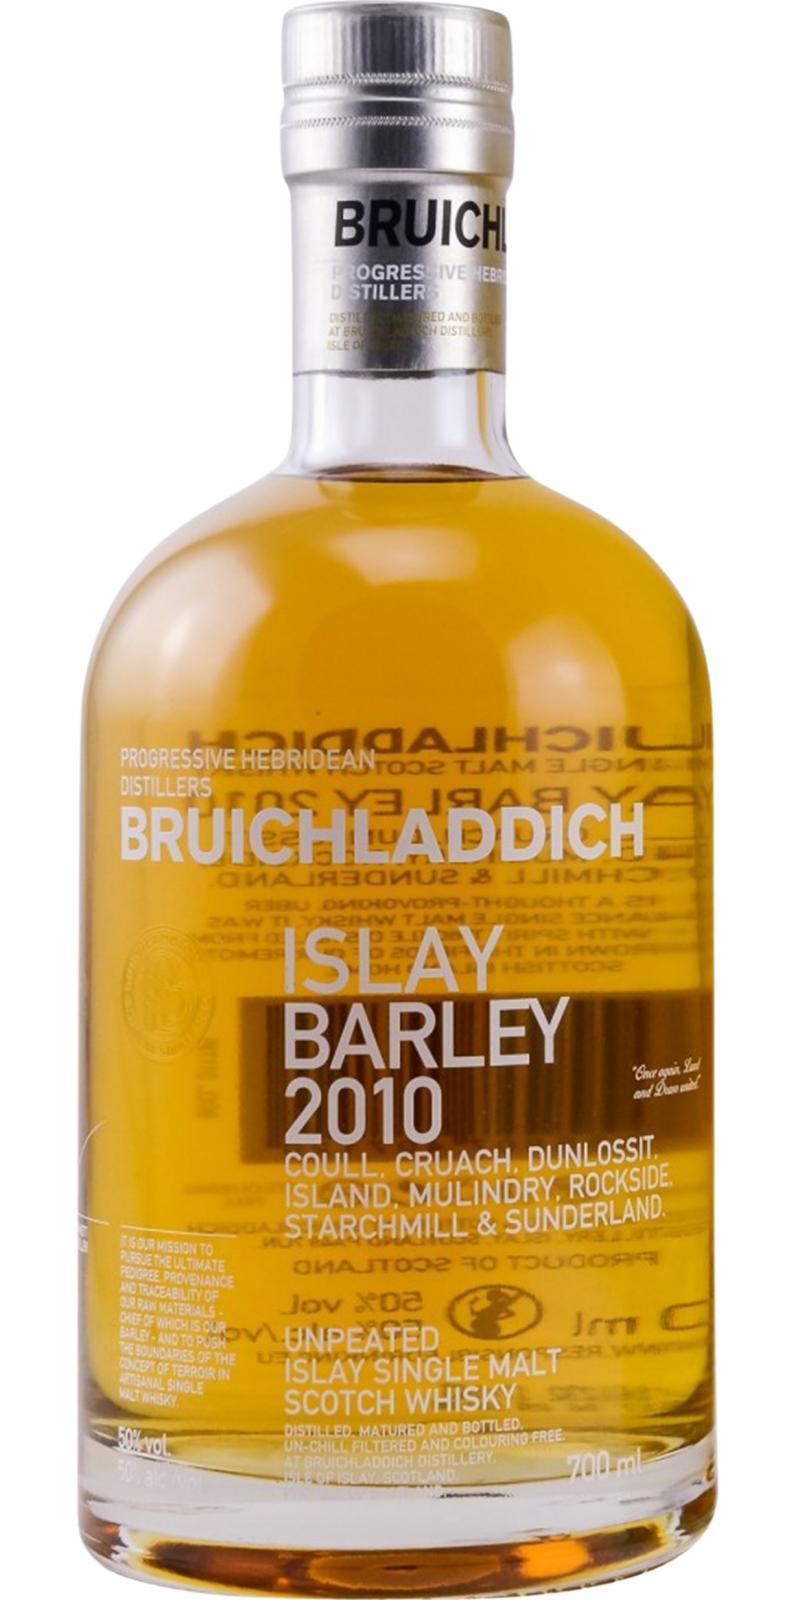 Bruichladdich 2010 Islay Barley